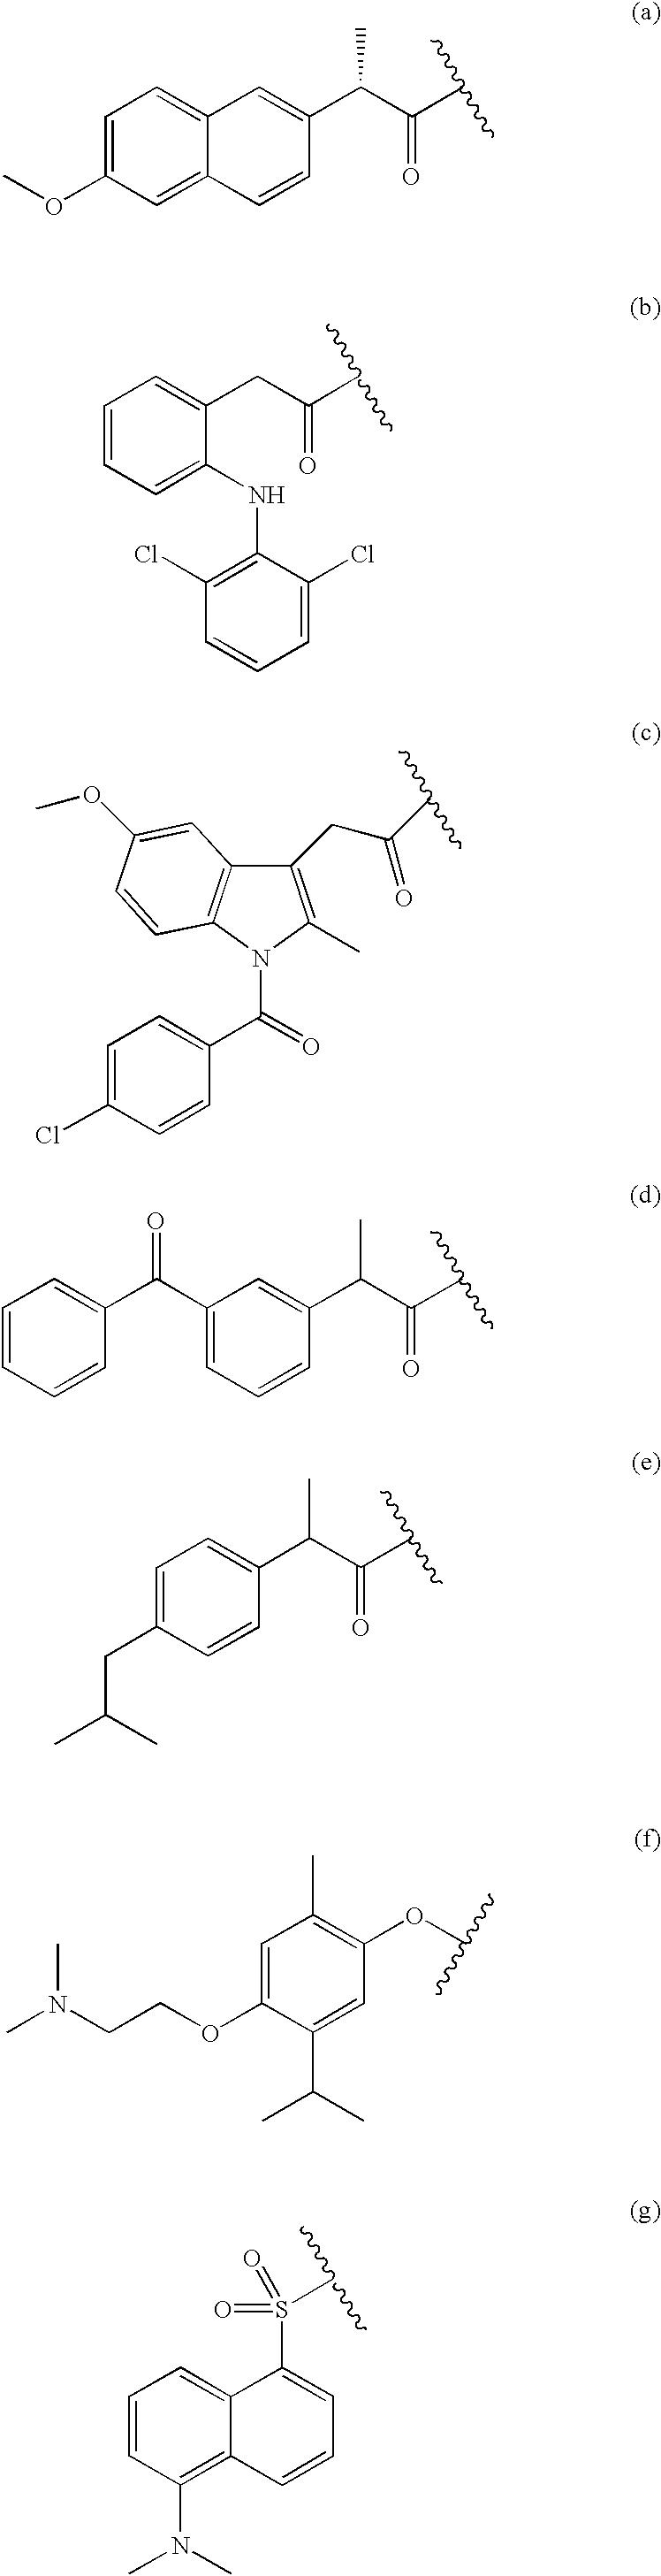 Figure US20030203915A1-20031030-C00016